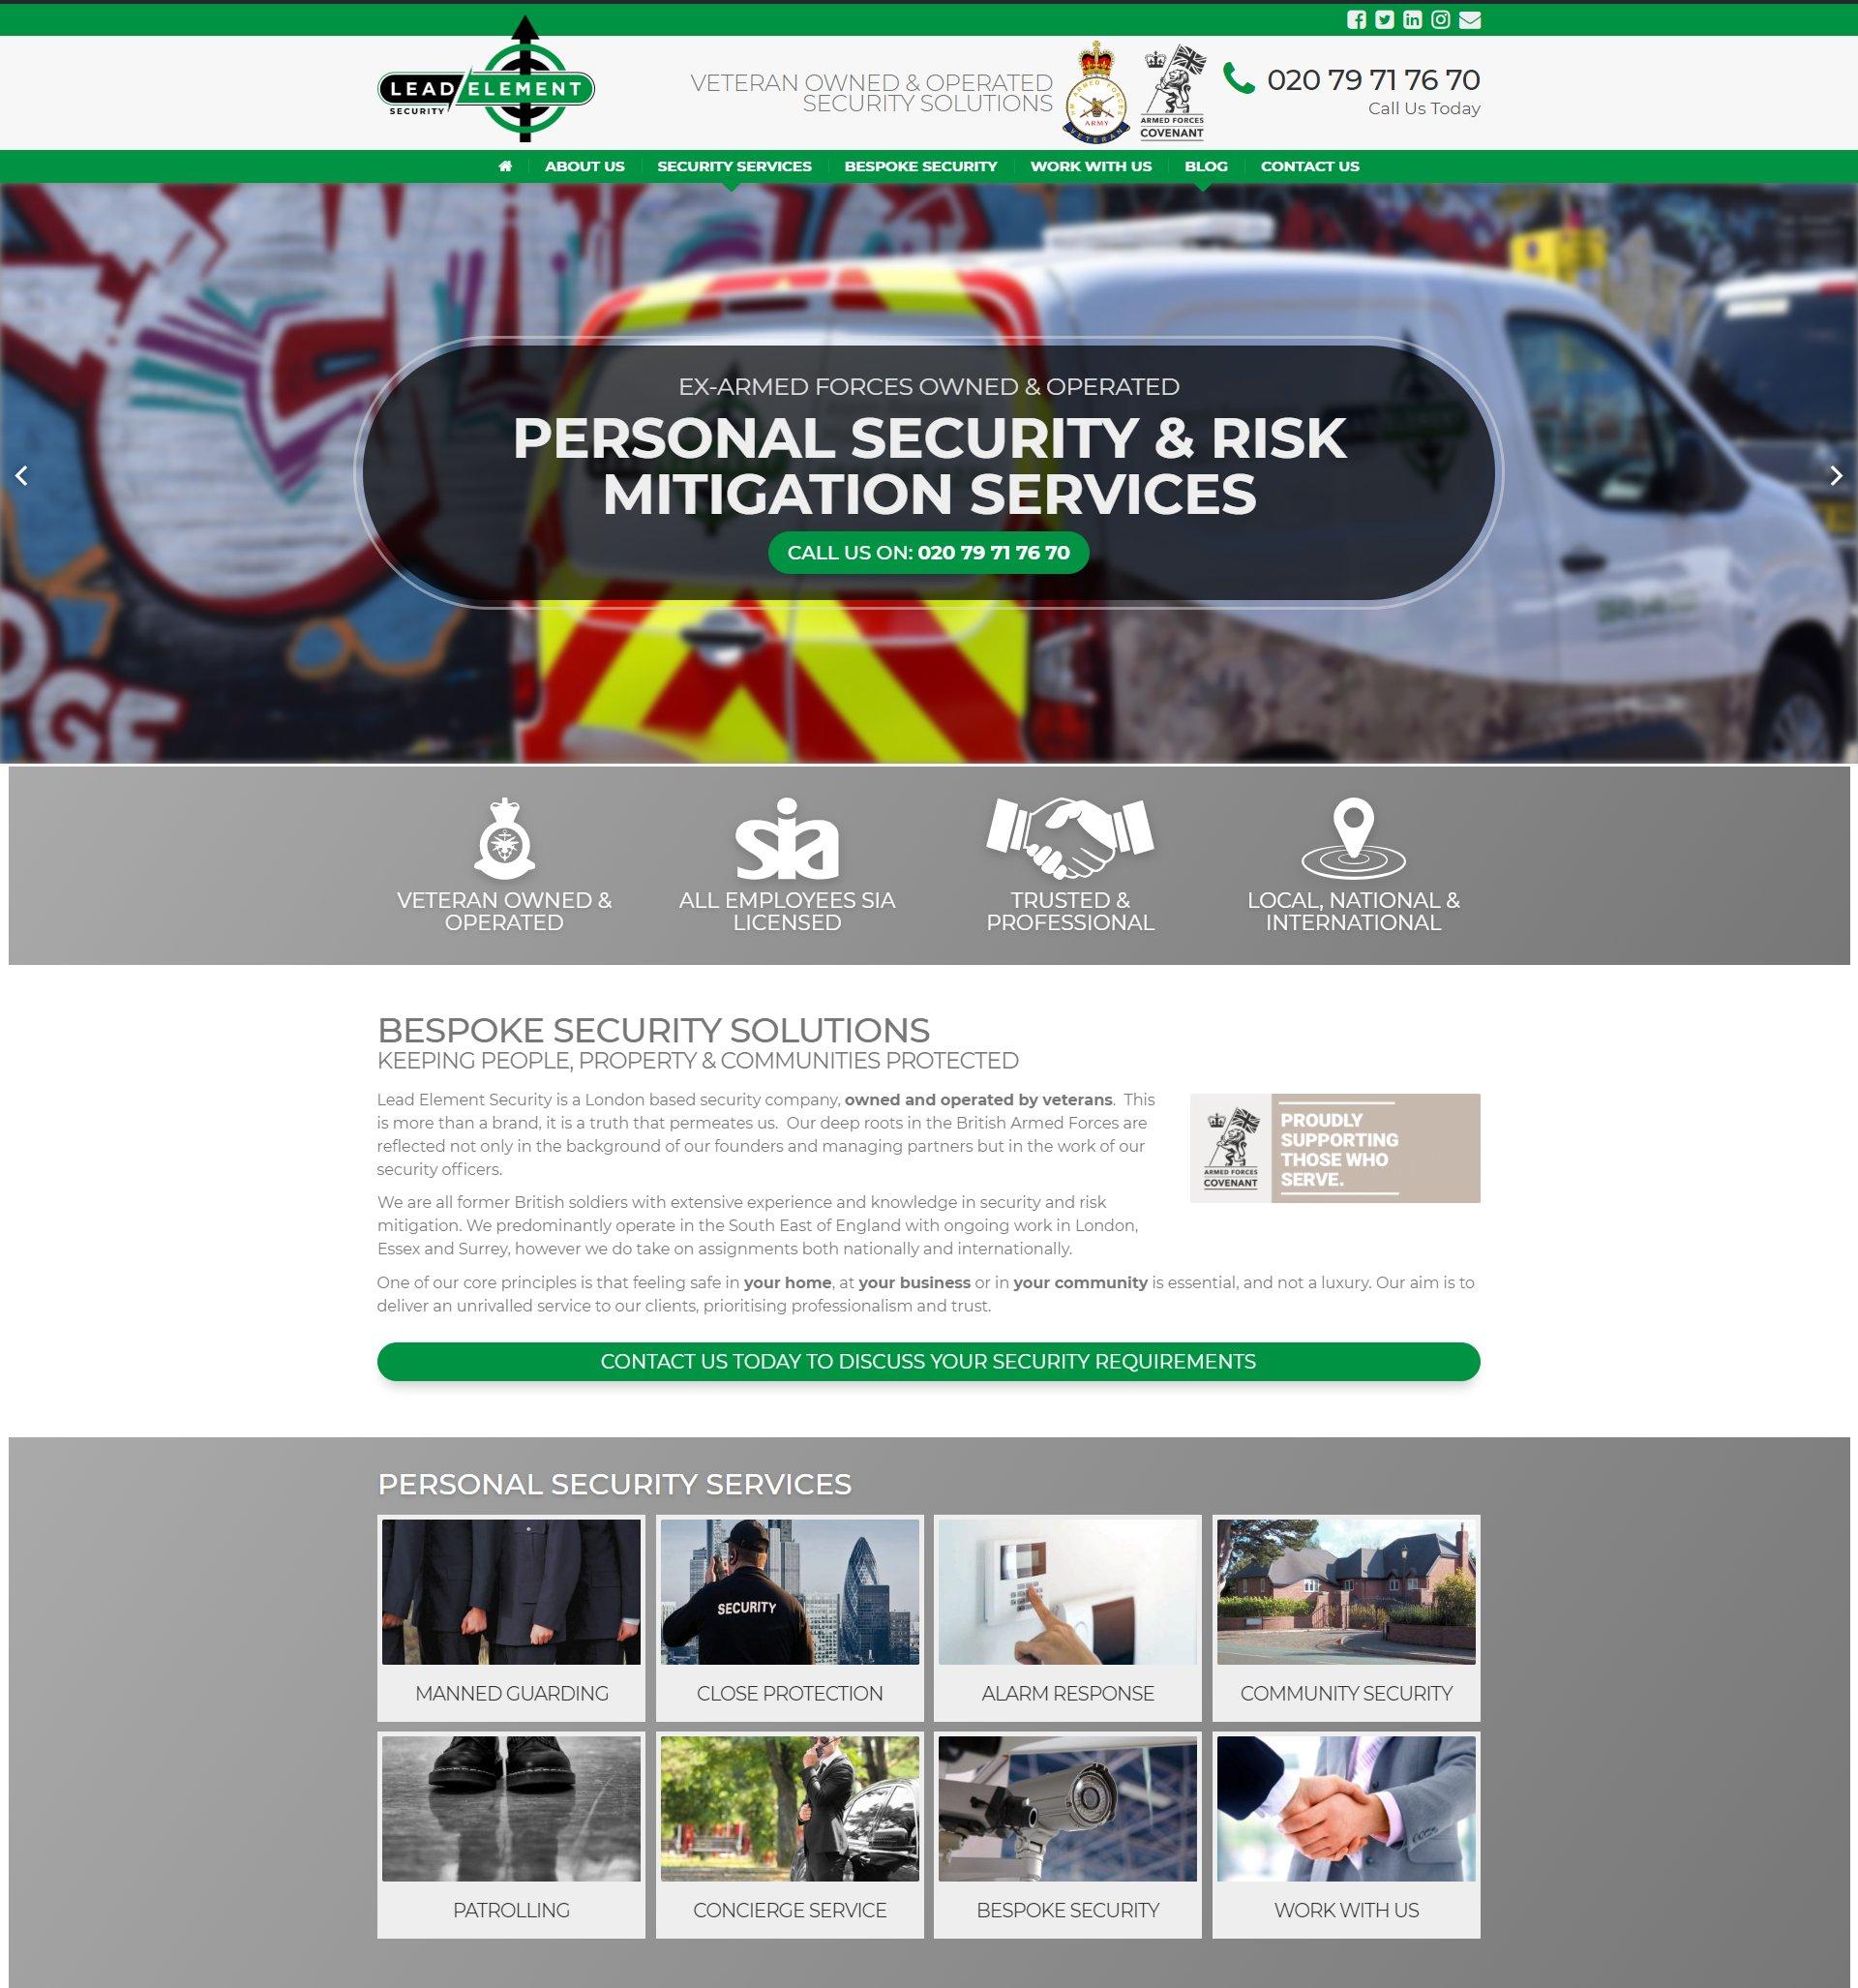 Nearest web design agency in [city]